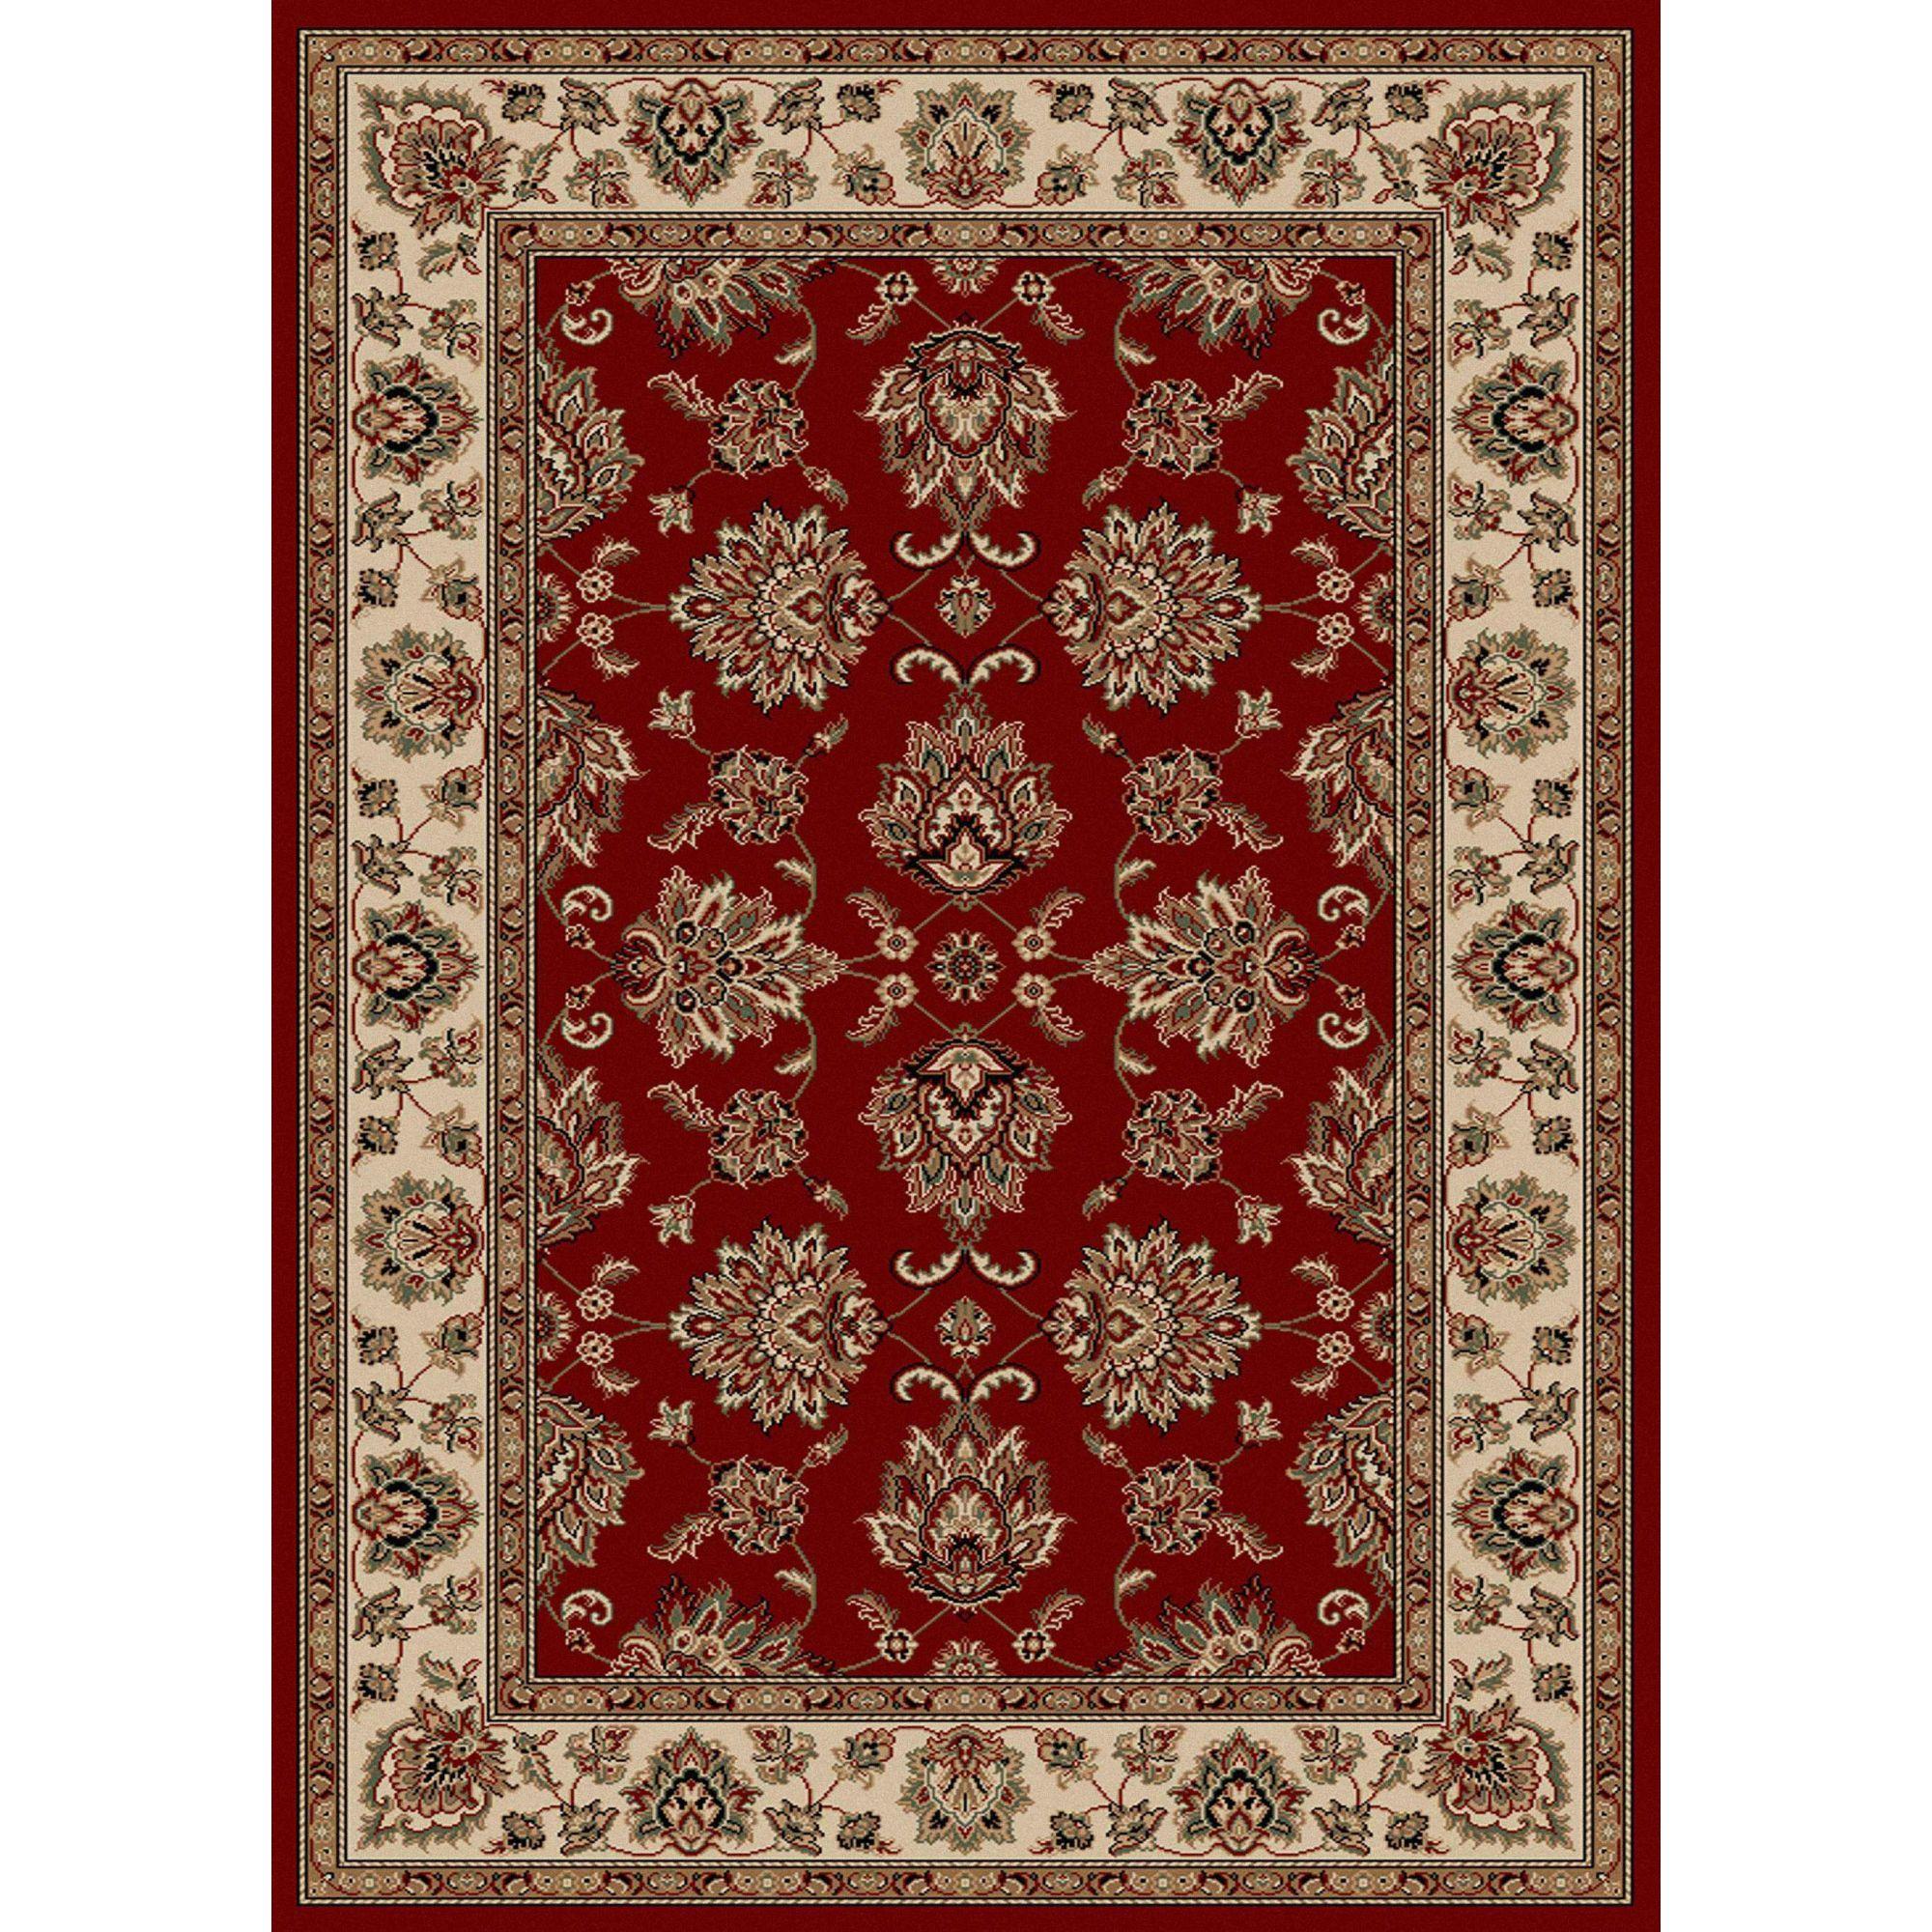 oriental rug patterns vesuvio 1691 red 1691302 by radici rugs oriental rug patterns 917 patterns